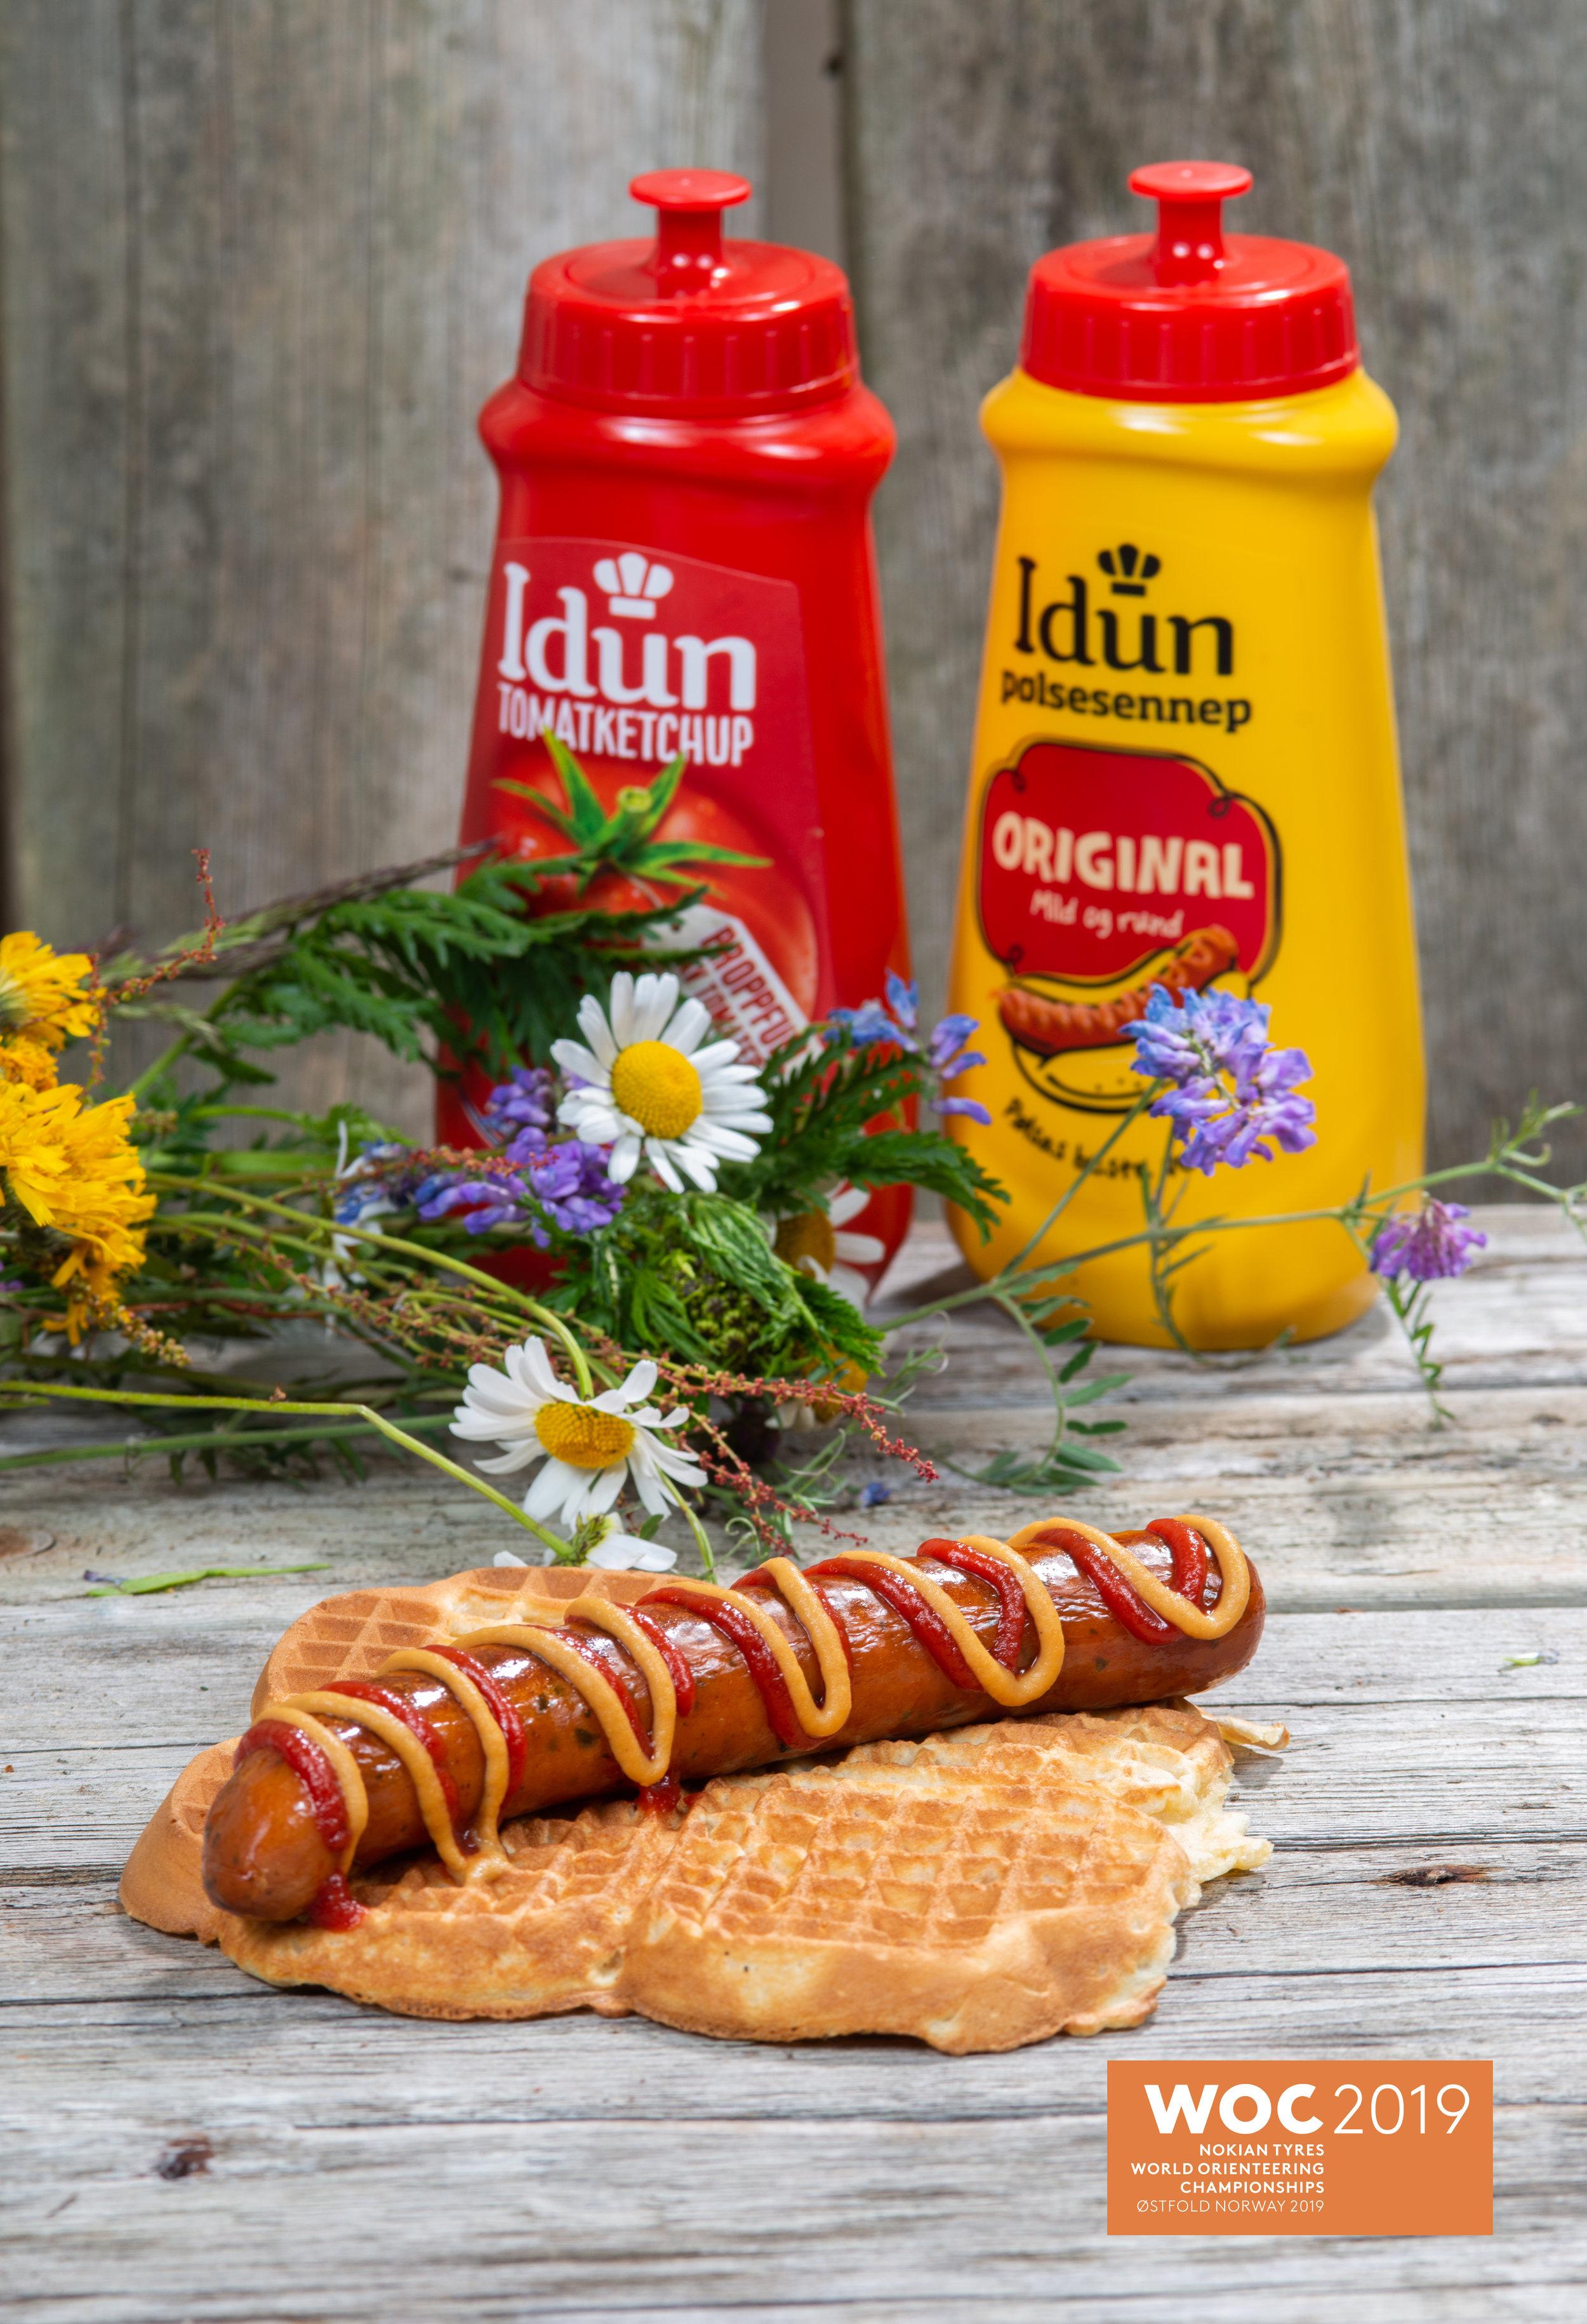 Grov Østfoldvaffel med mel fra Holli - Mølle, Den sorte Havre, egg fra Ek gårdspakkeri og Odelia - olje. Sennep og ketchup fra Idun i Rygge. WOC - pølse fra Brød. Ringstad med 85% kjøtt.